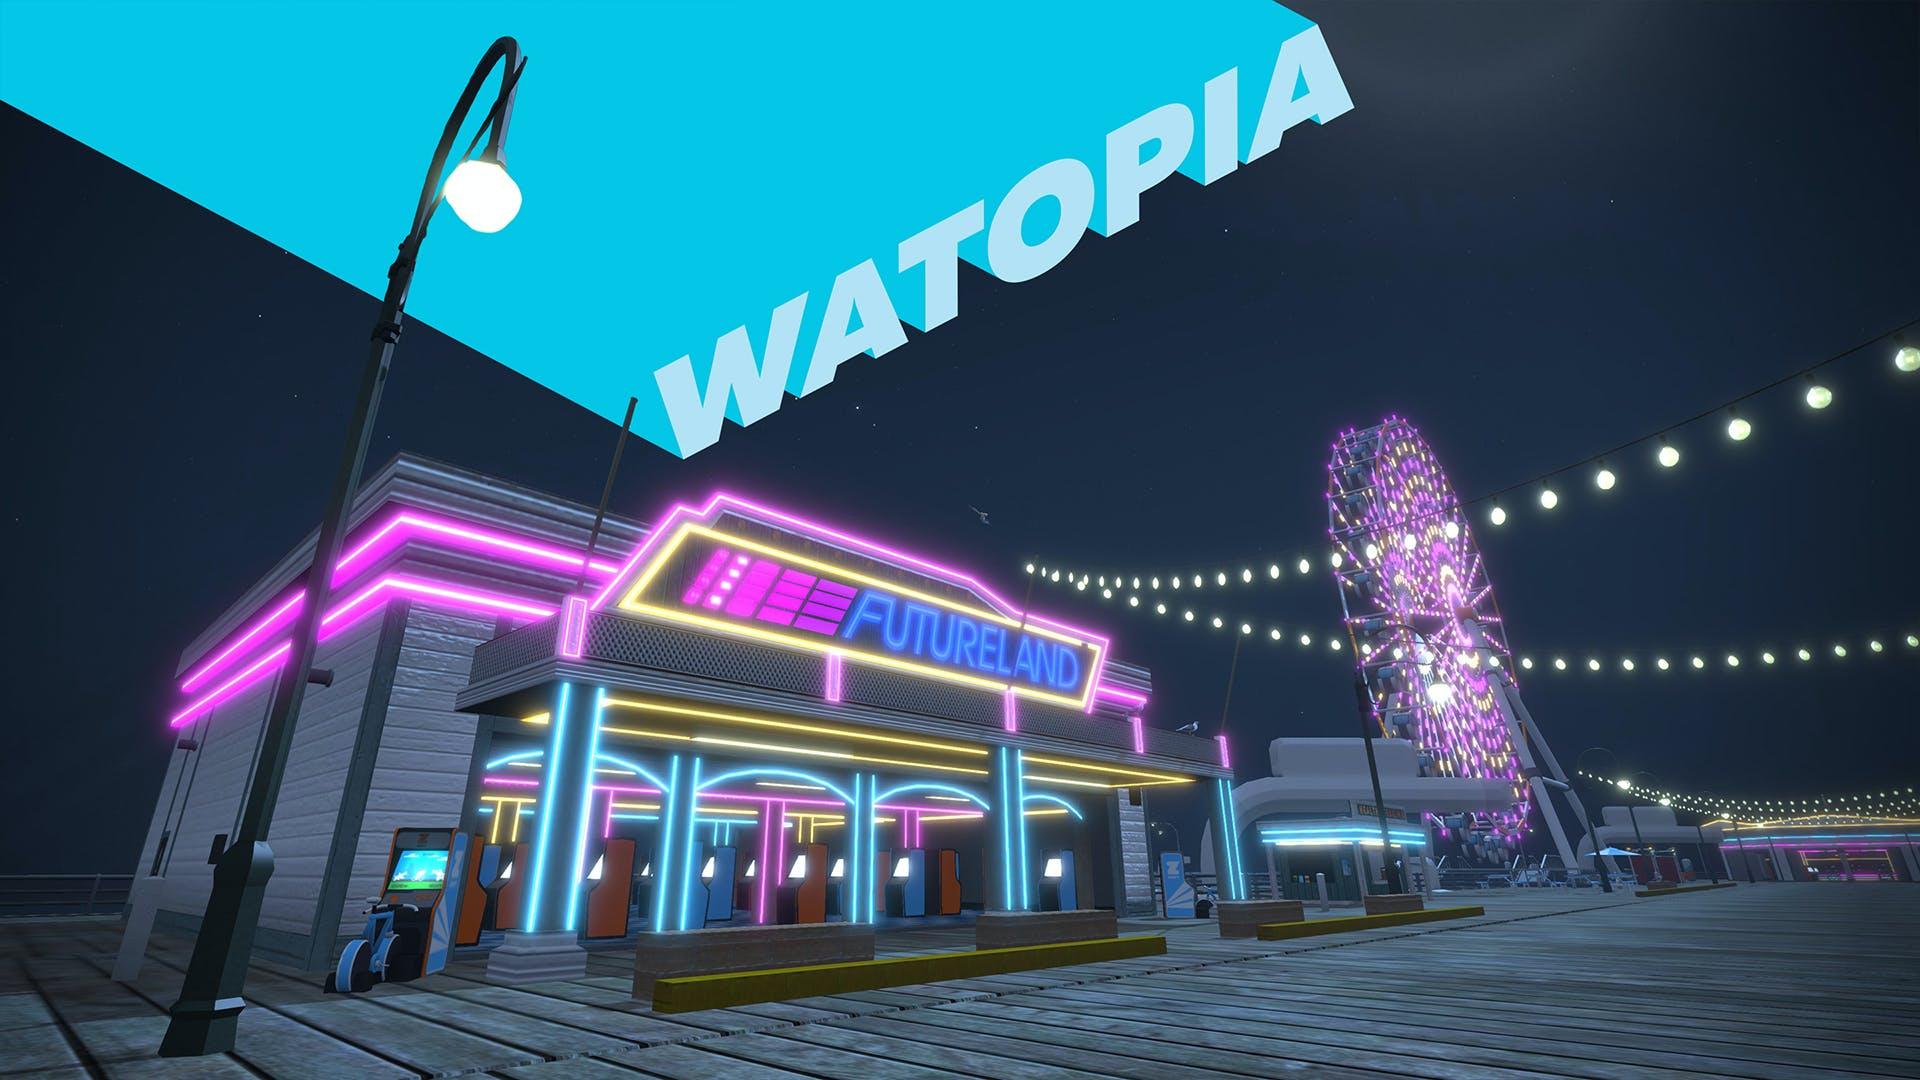 3. Etappe: Watopia